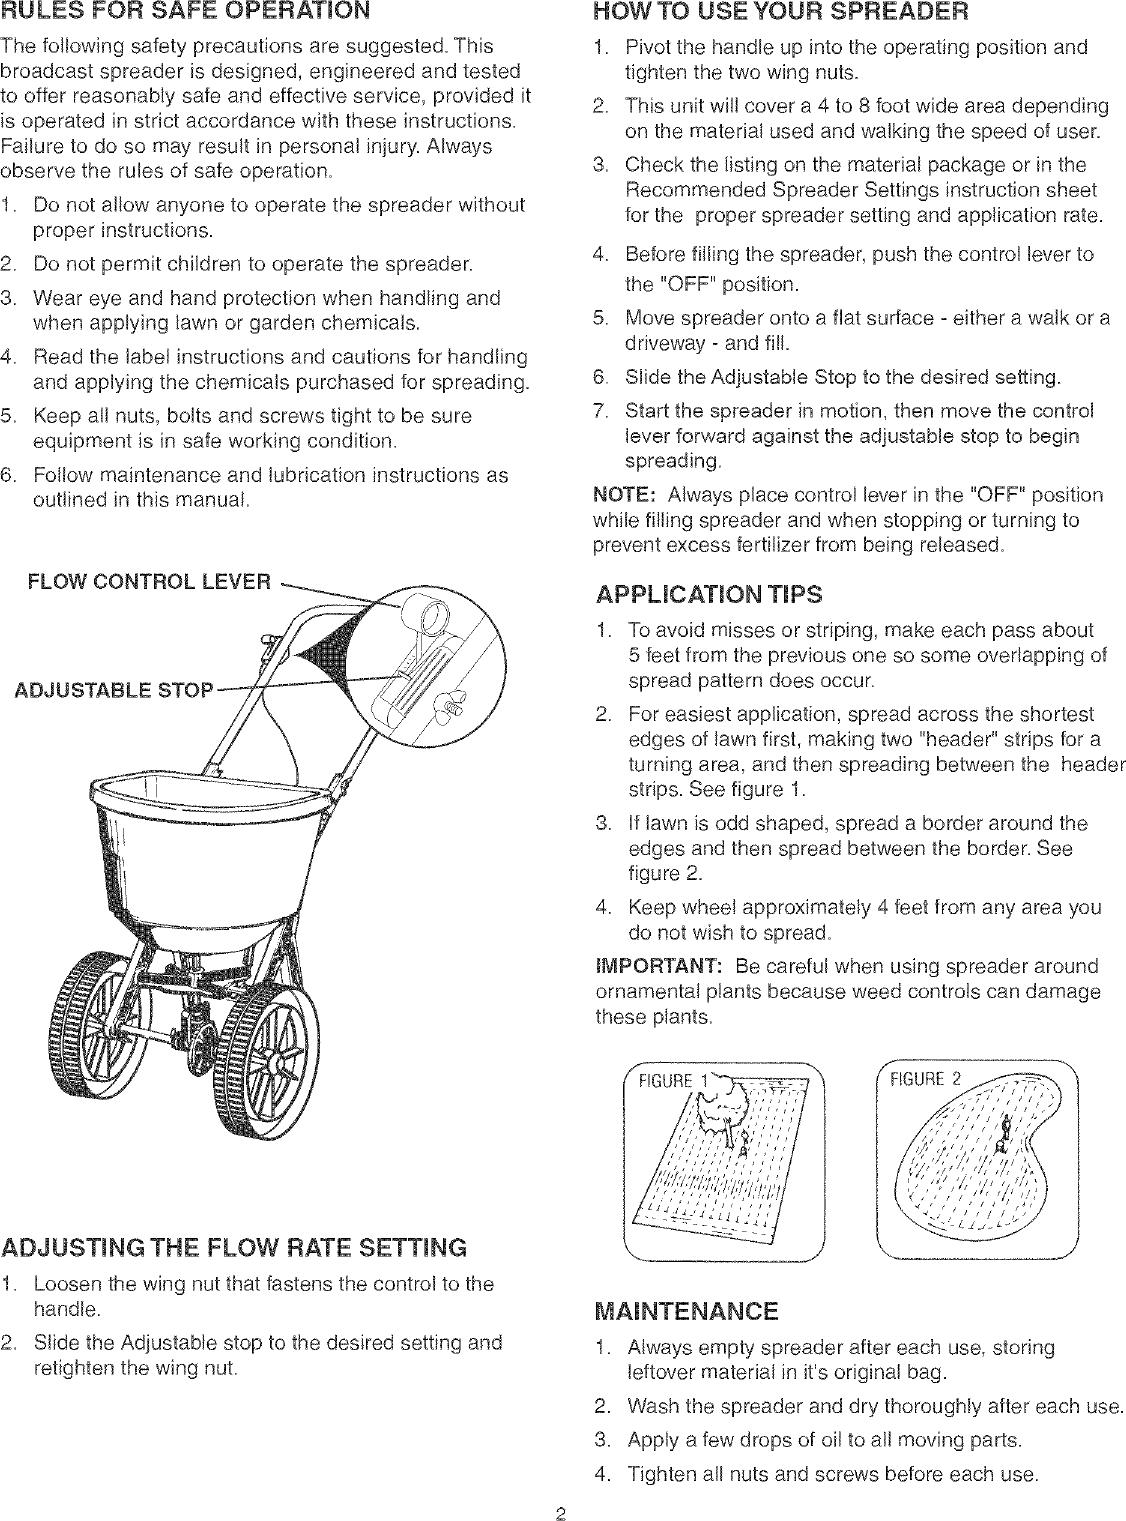 Decoy Spread Manual Guide